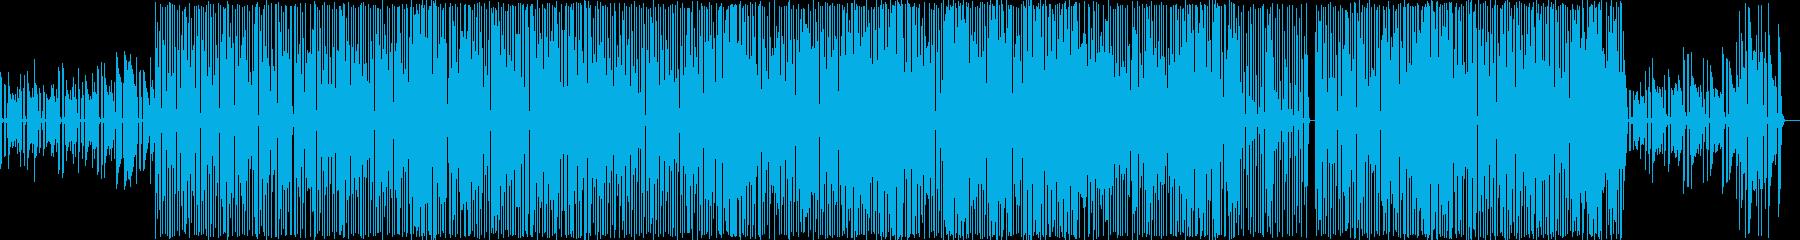 穏やかなほのぼのとしたイージーリスニングの再生済みの波形